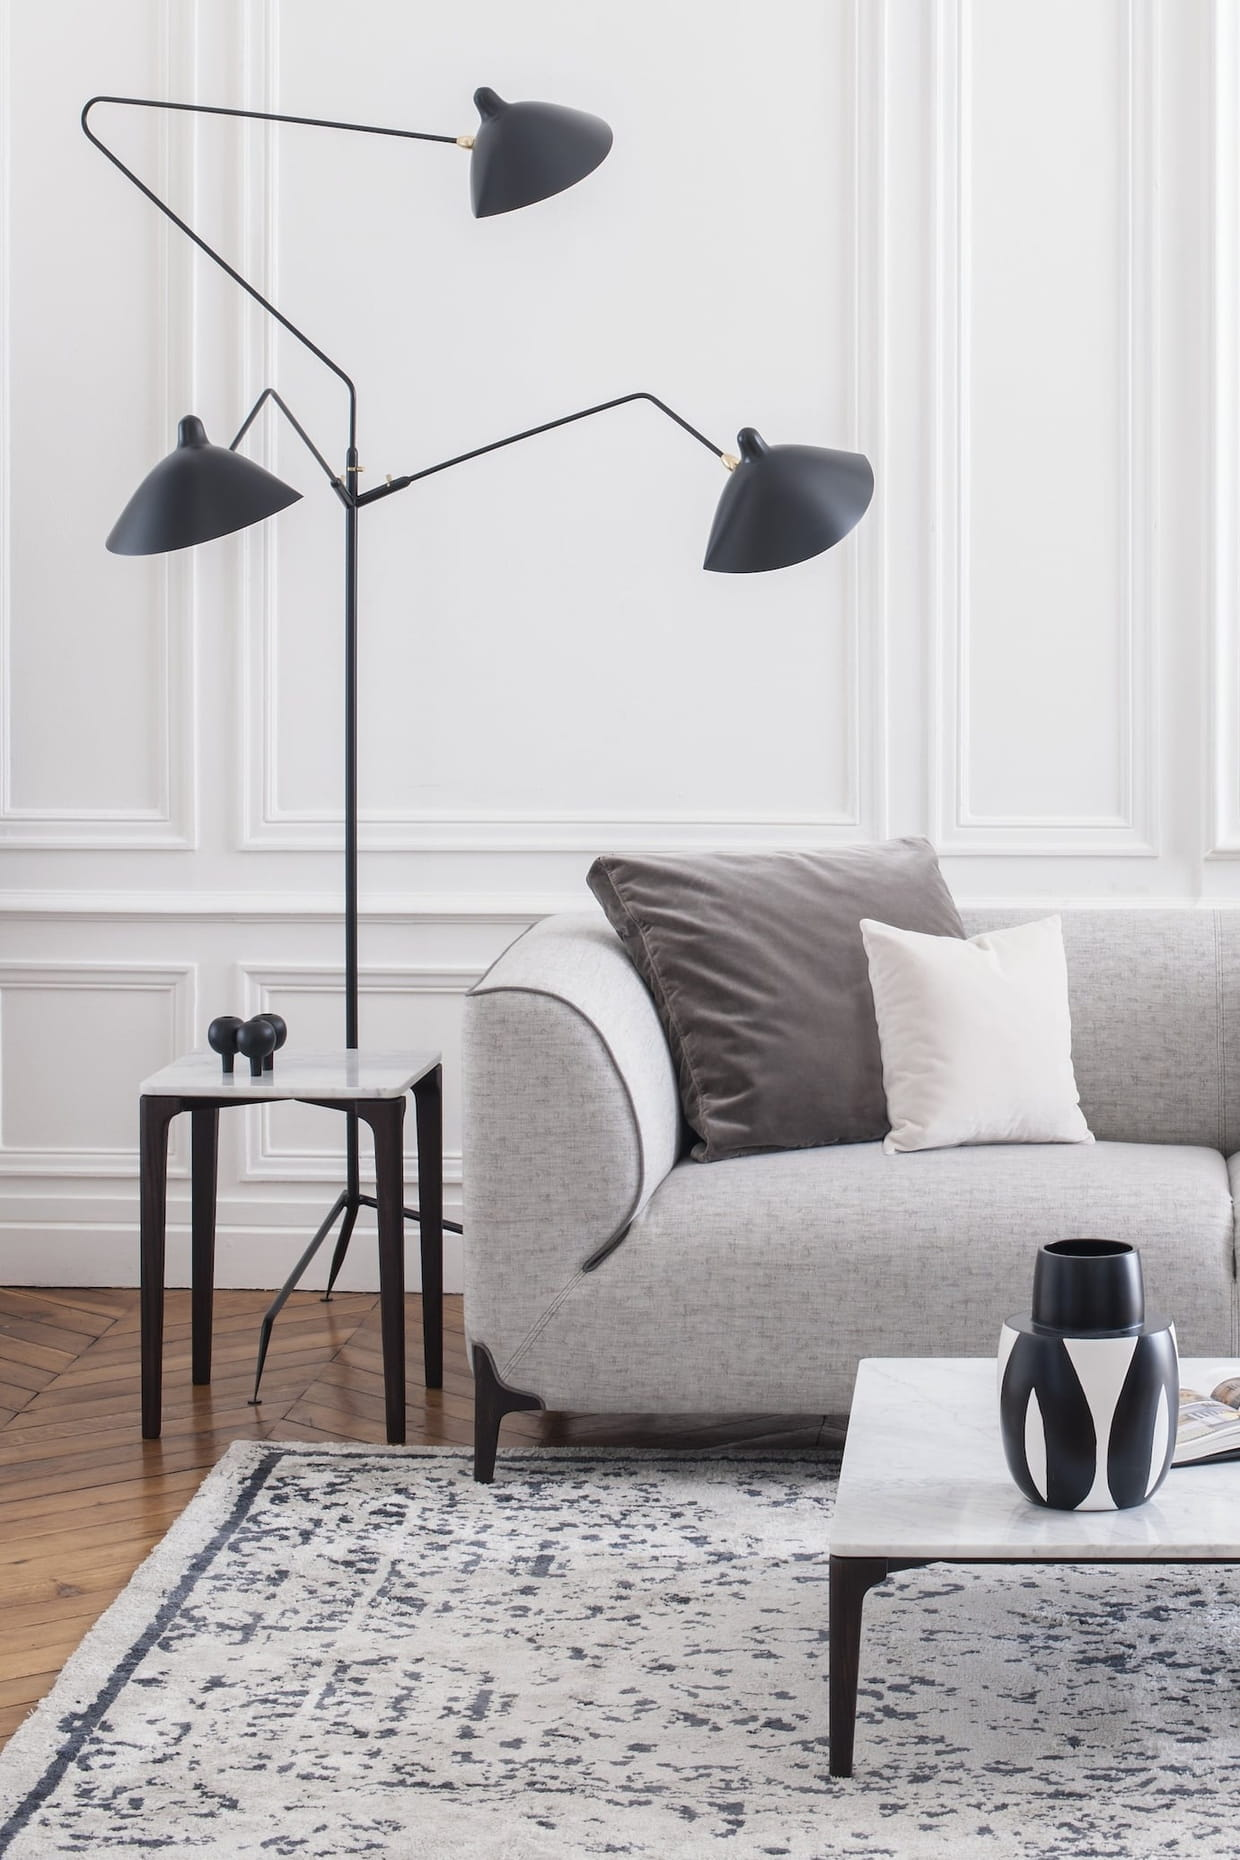 bout de canap montaigne chez burov. Black Bedroom Furniture Sets. Home Design Ideas